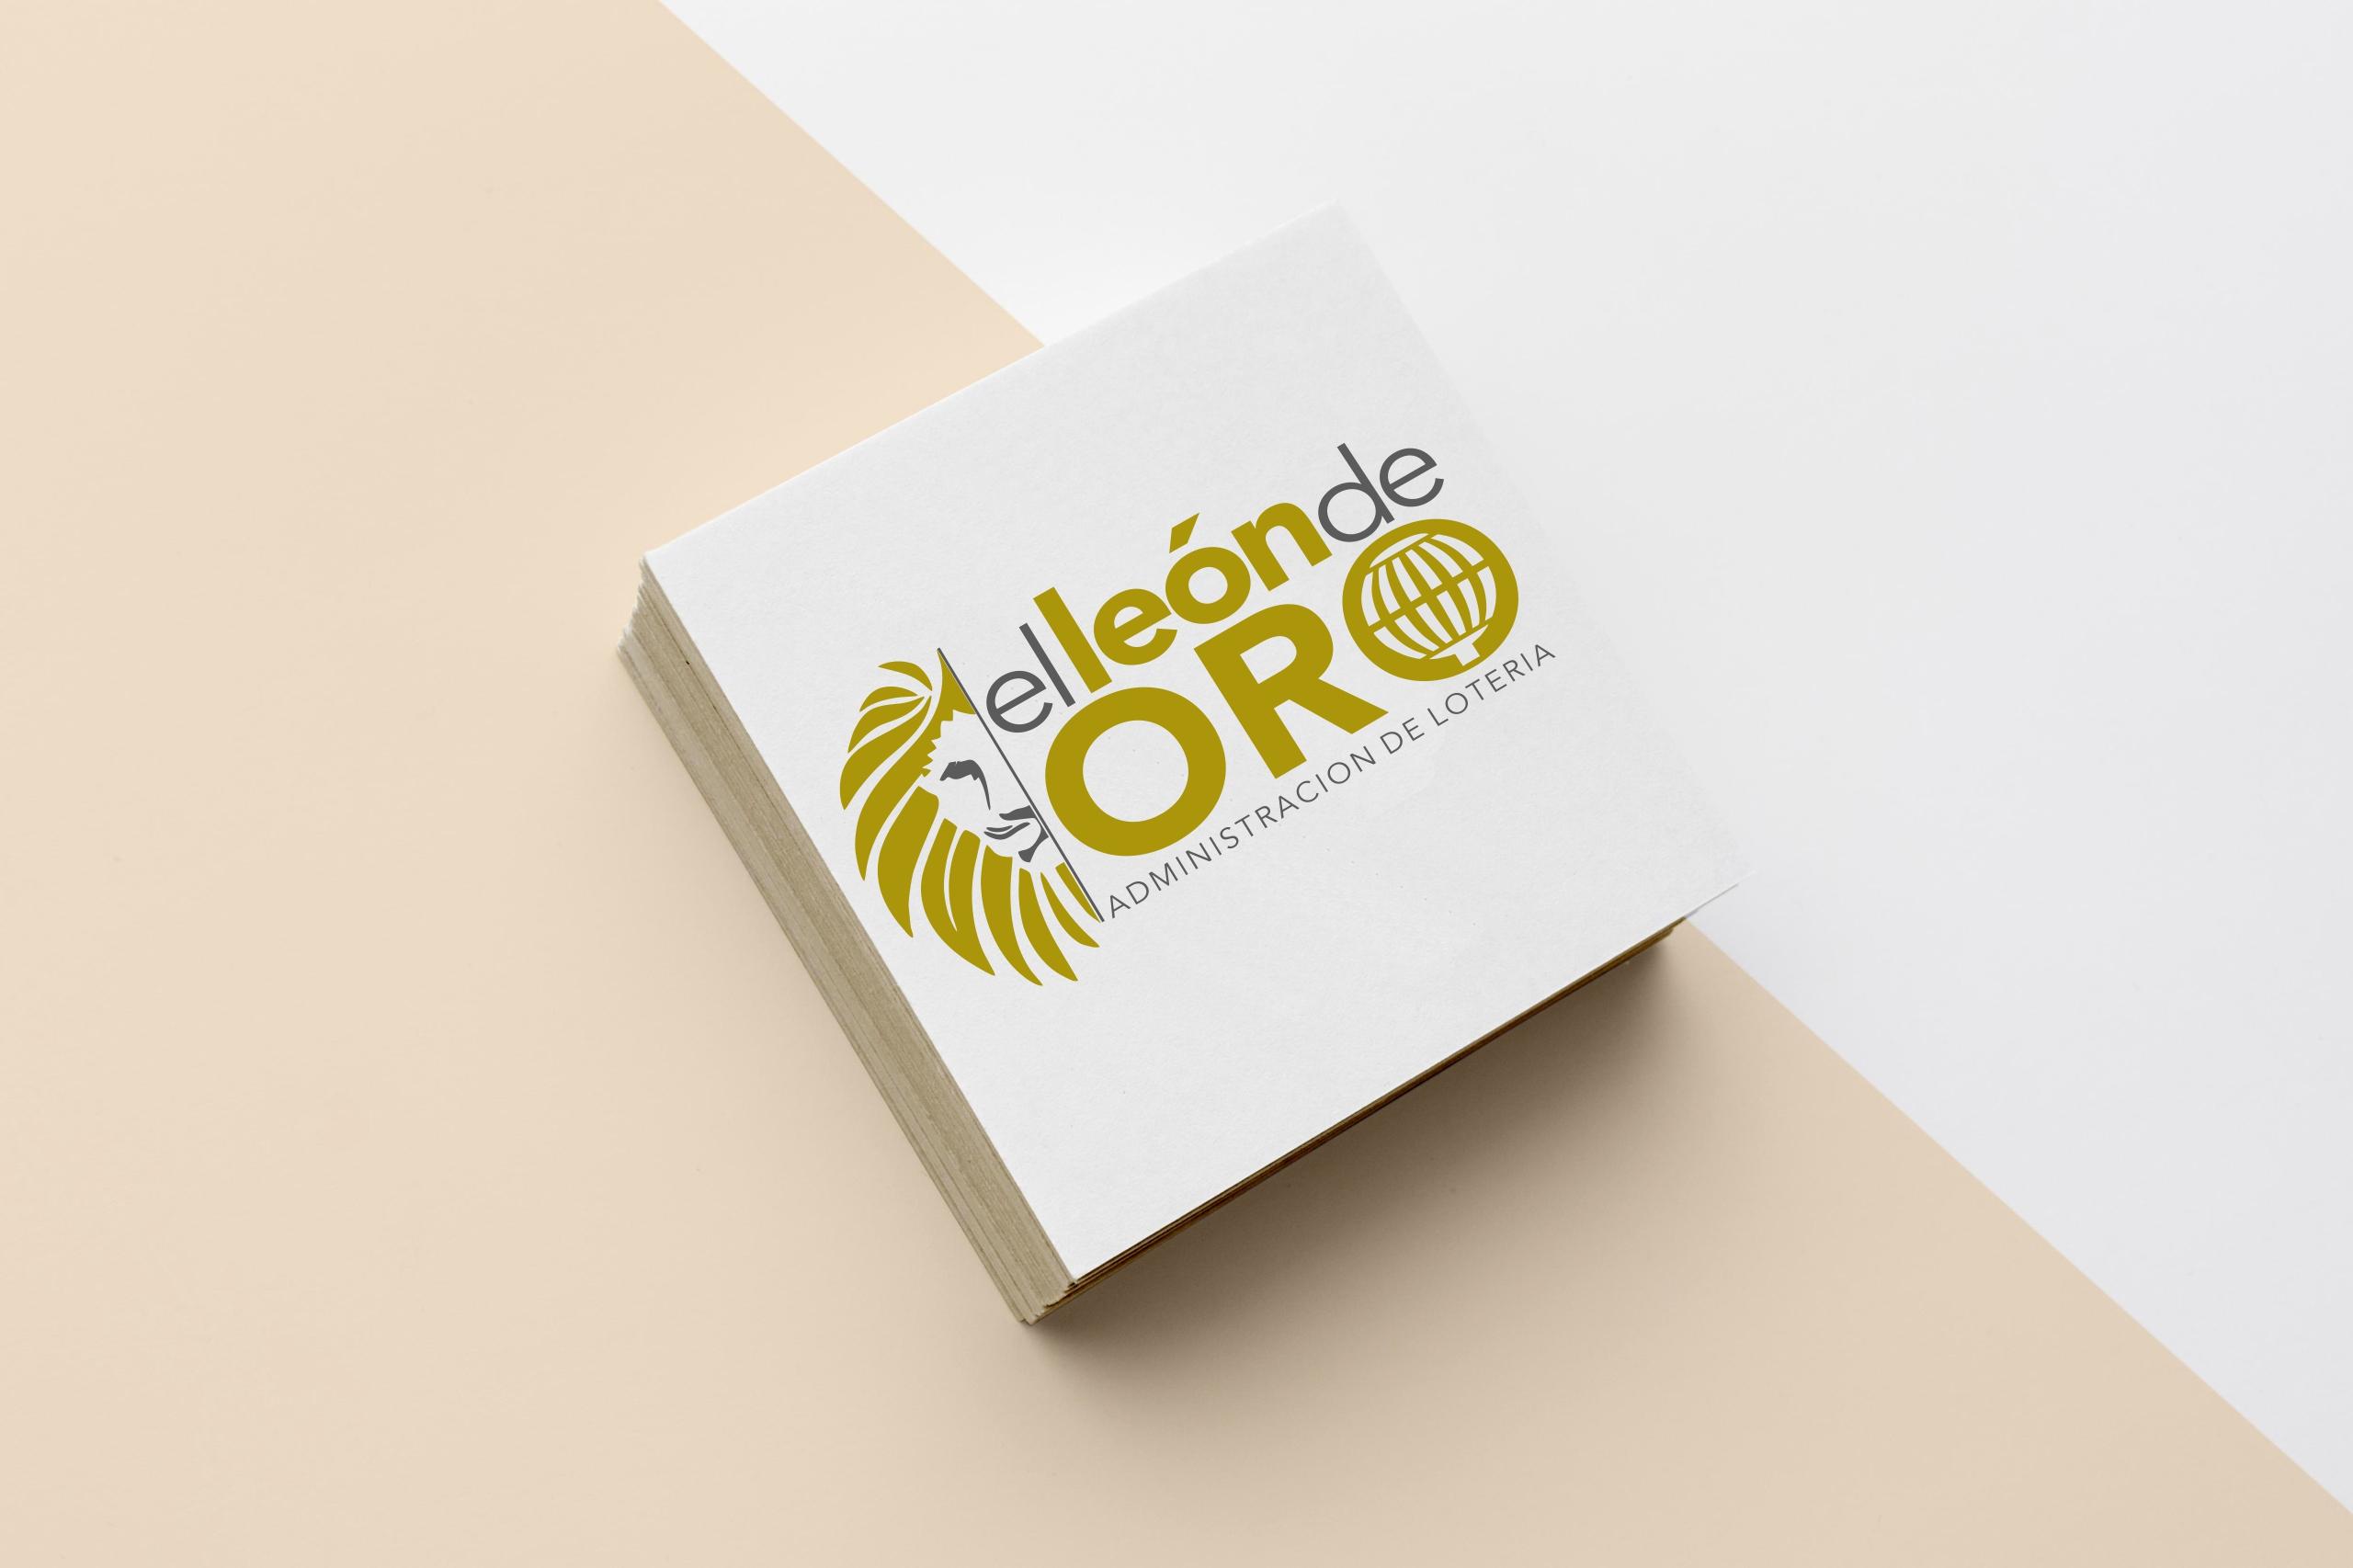 leon-de-oro-logo